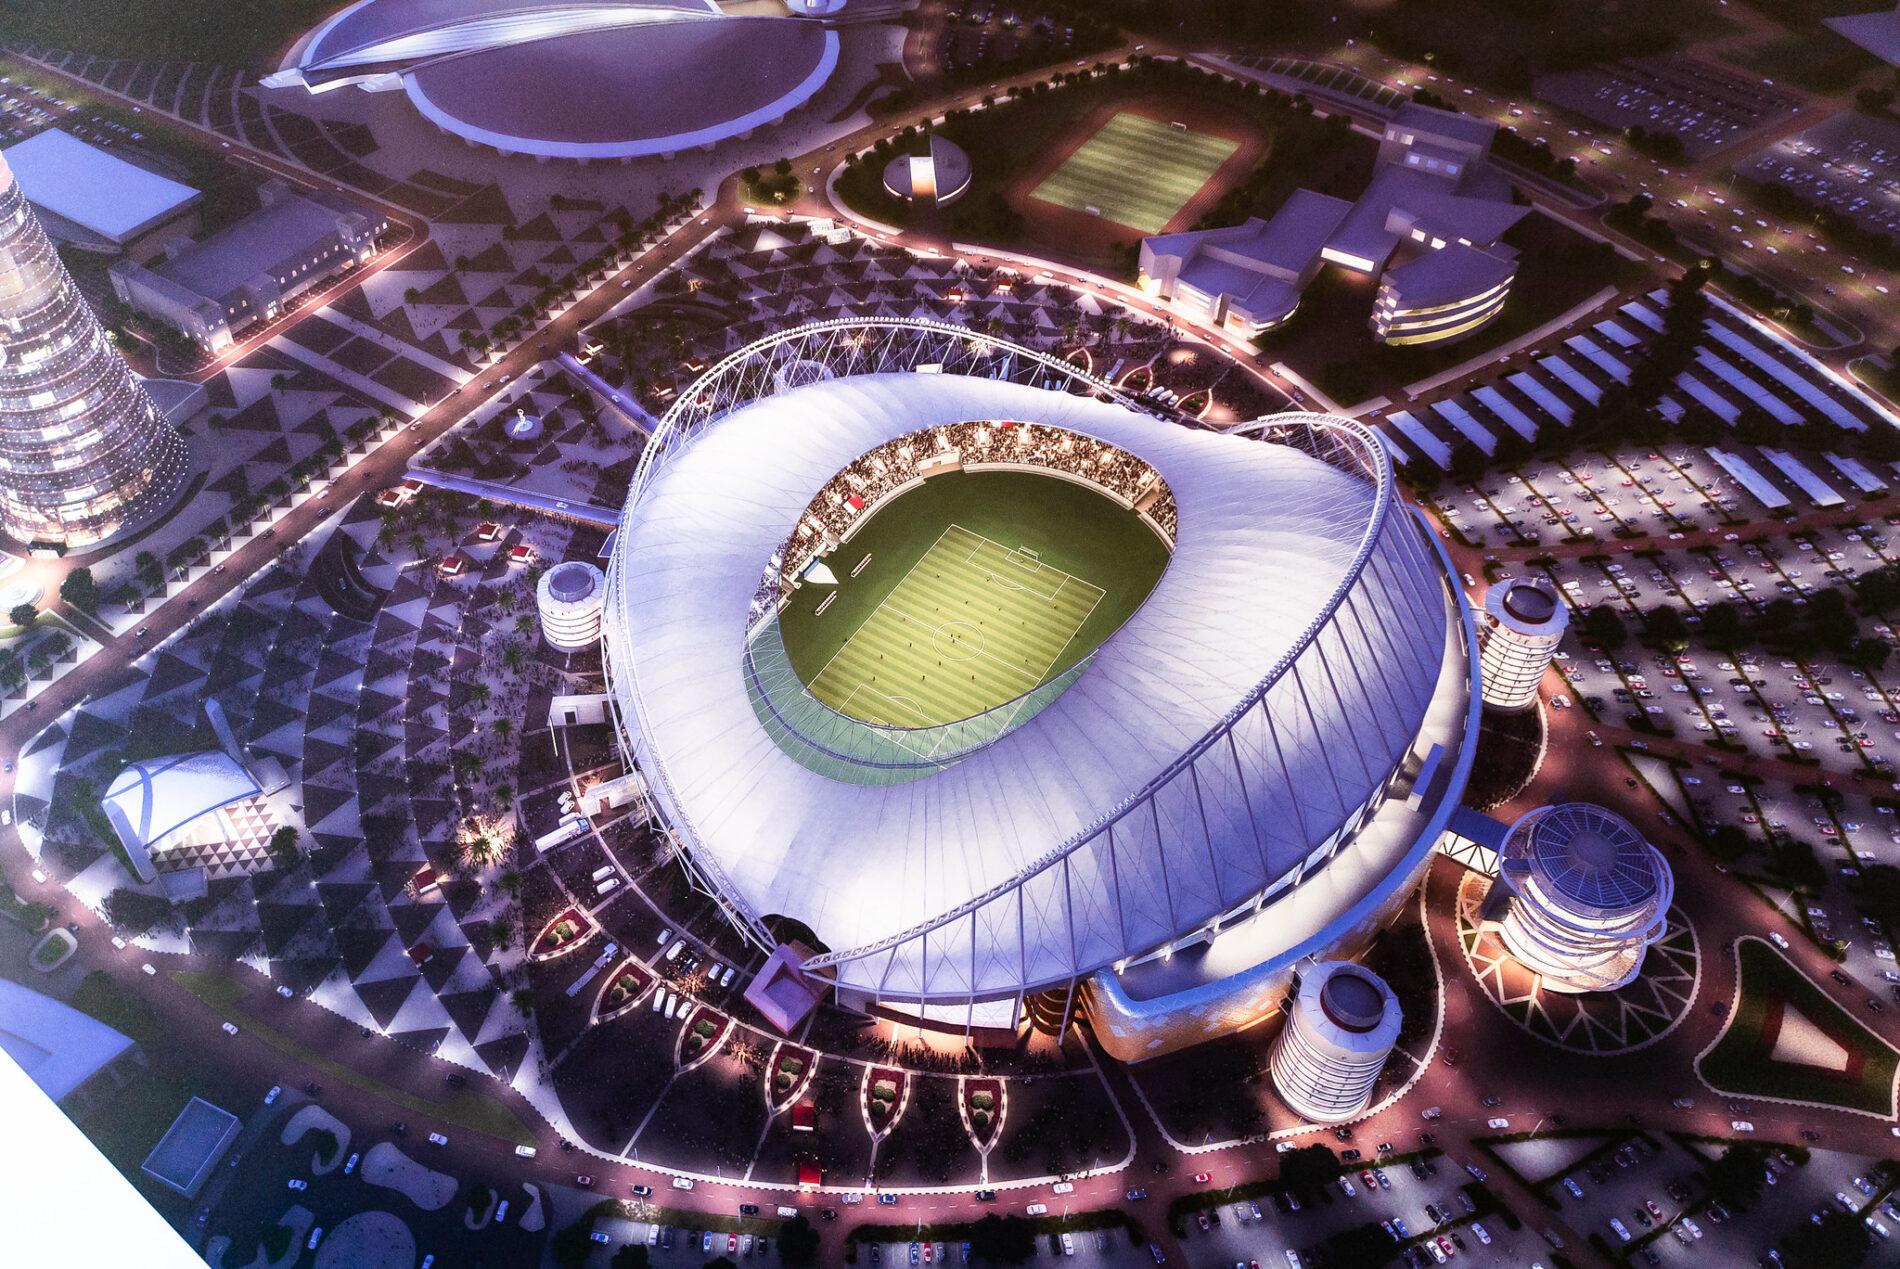 Esclavitud en Catar: El mundial de fútbol sigue matando a trabajadores migrantes